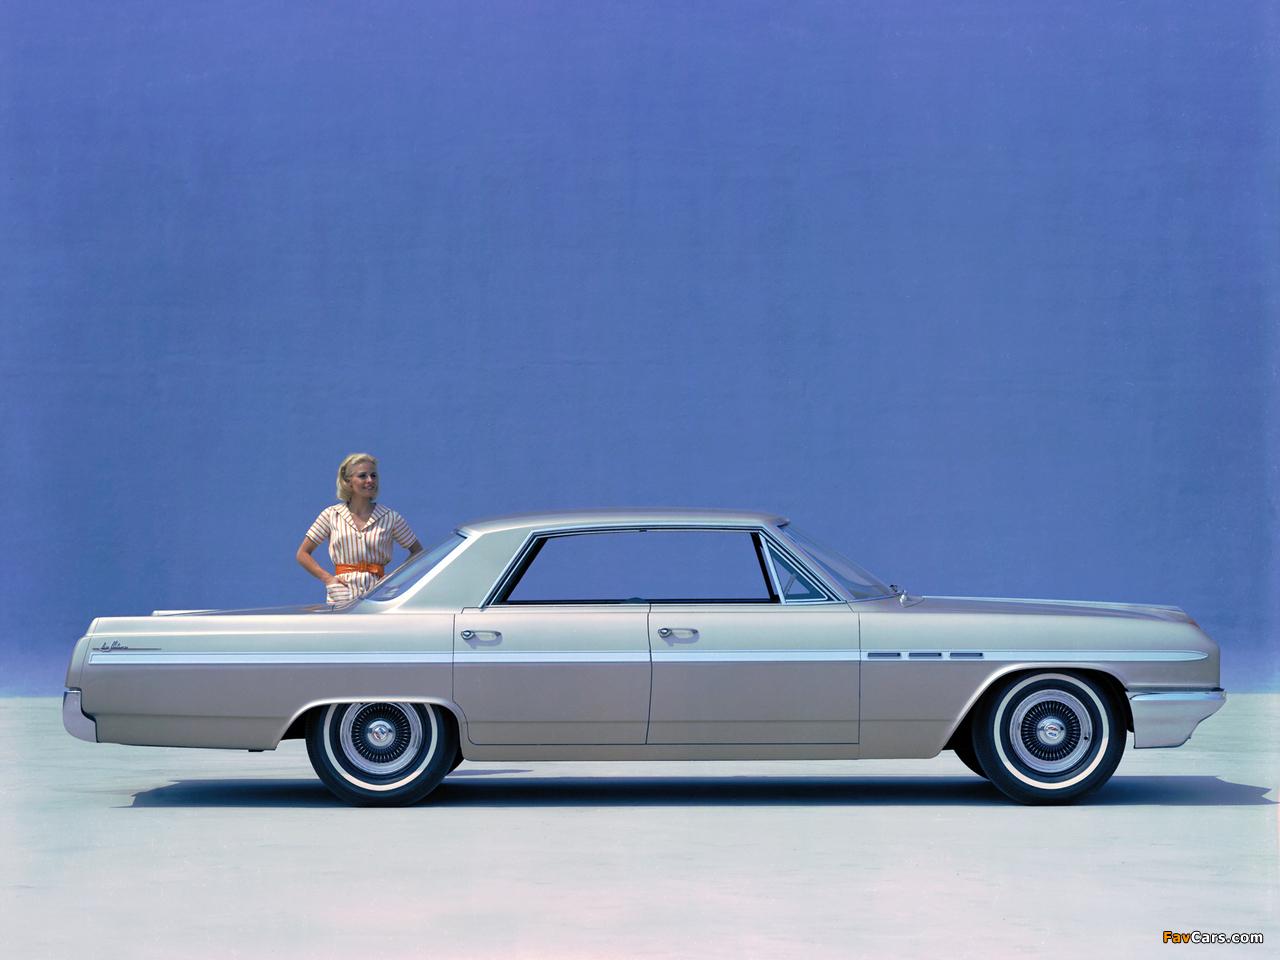 Buick Lesabre 4 Door Hardtop 1964 Pictures 1280x960